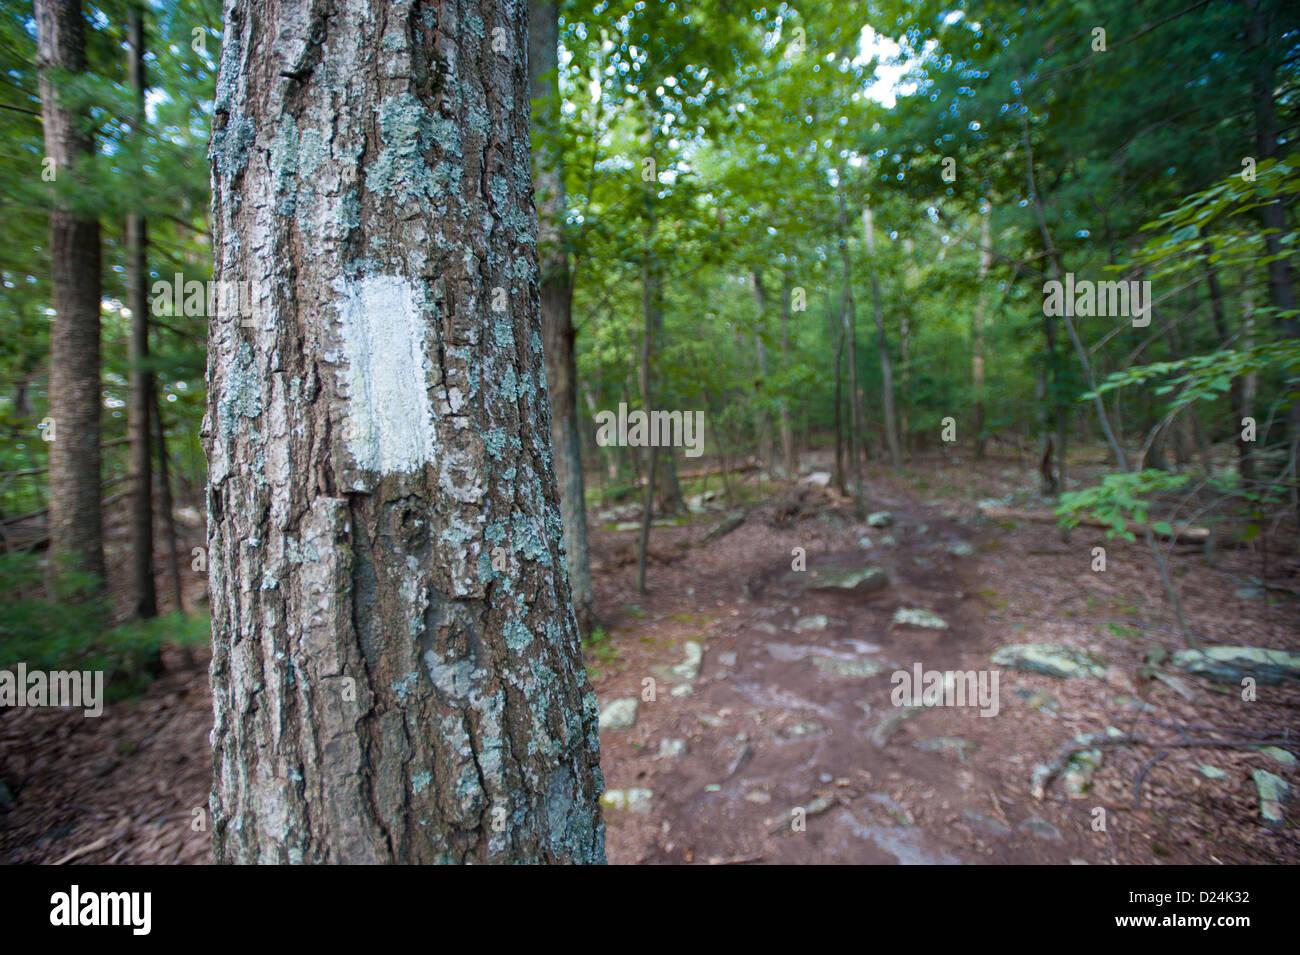 Appalachian trail white tree marker, Pen Mar near Maryland Mason Dixon Line - Stock Image